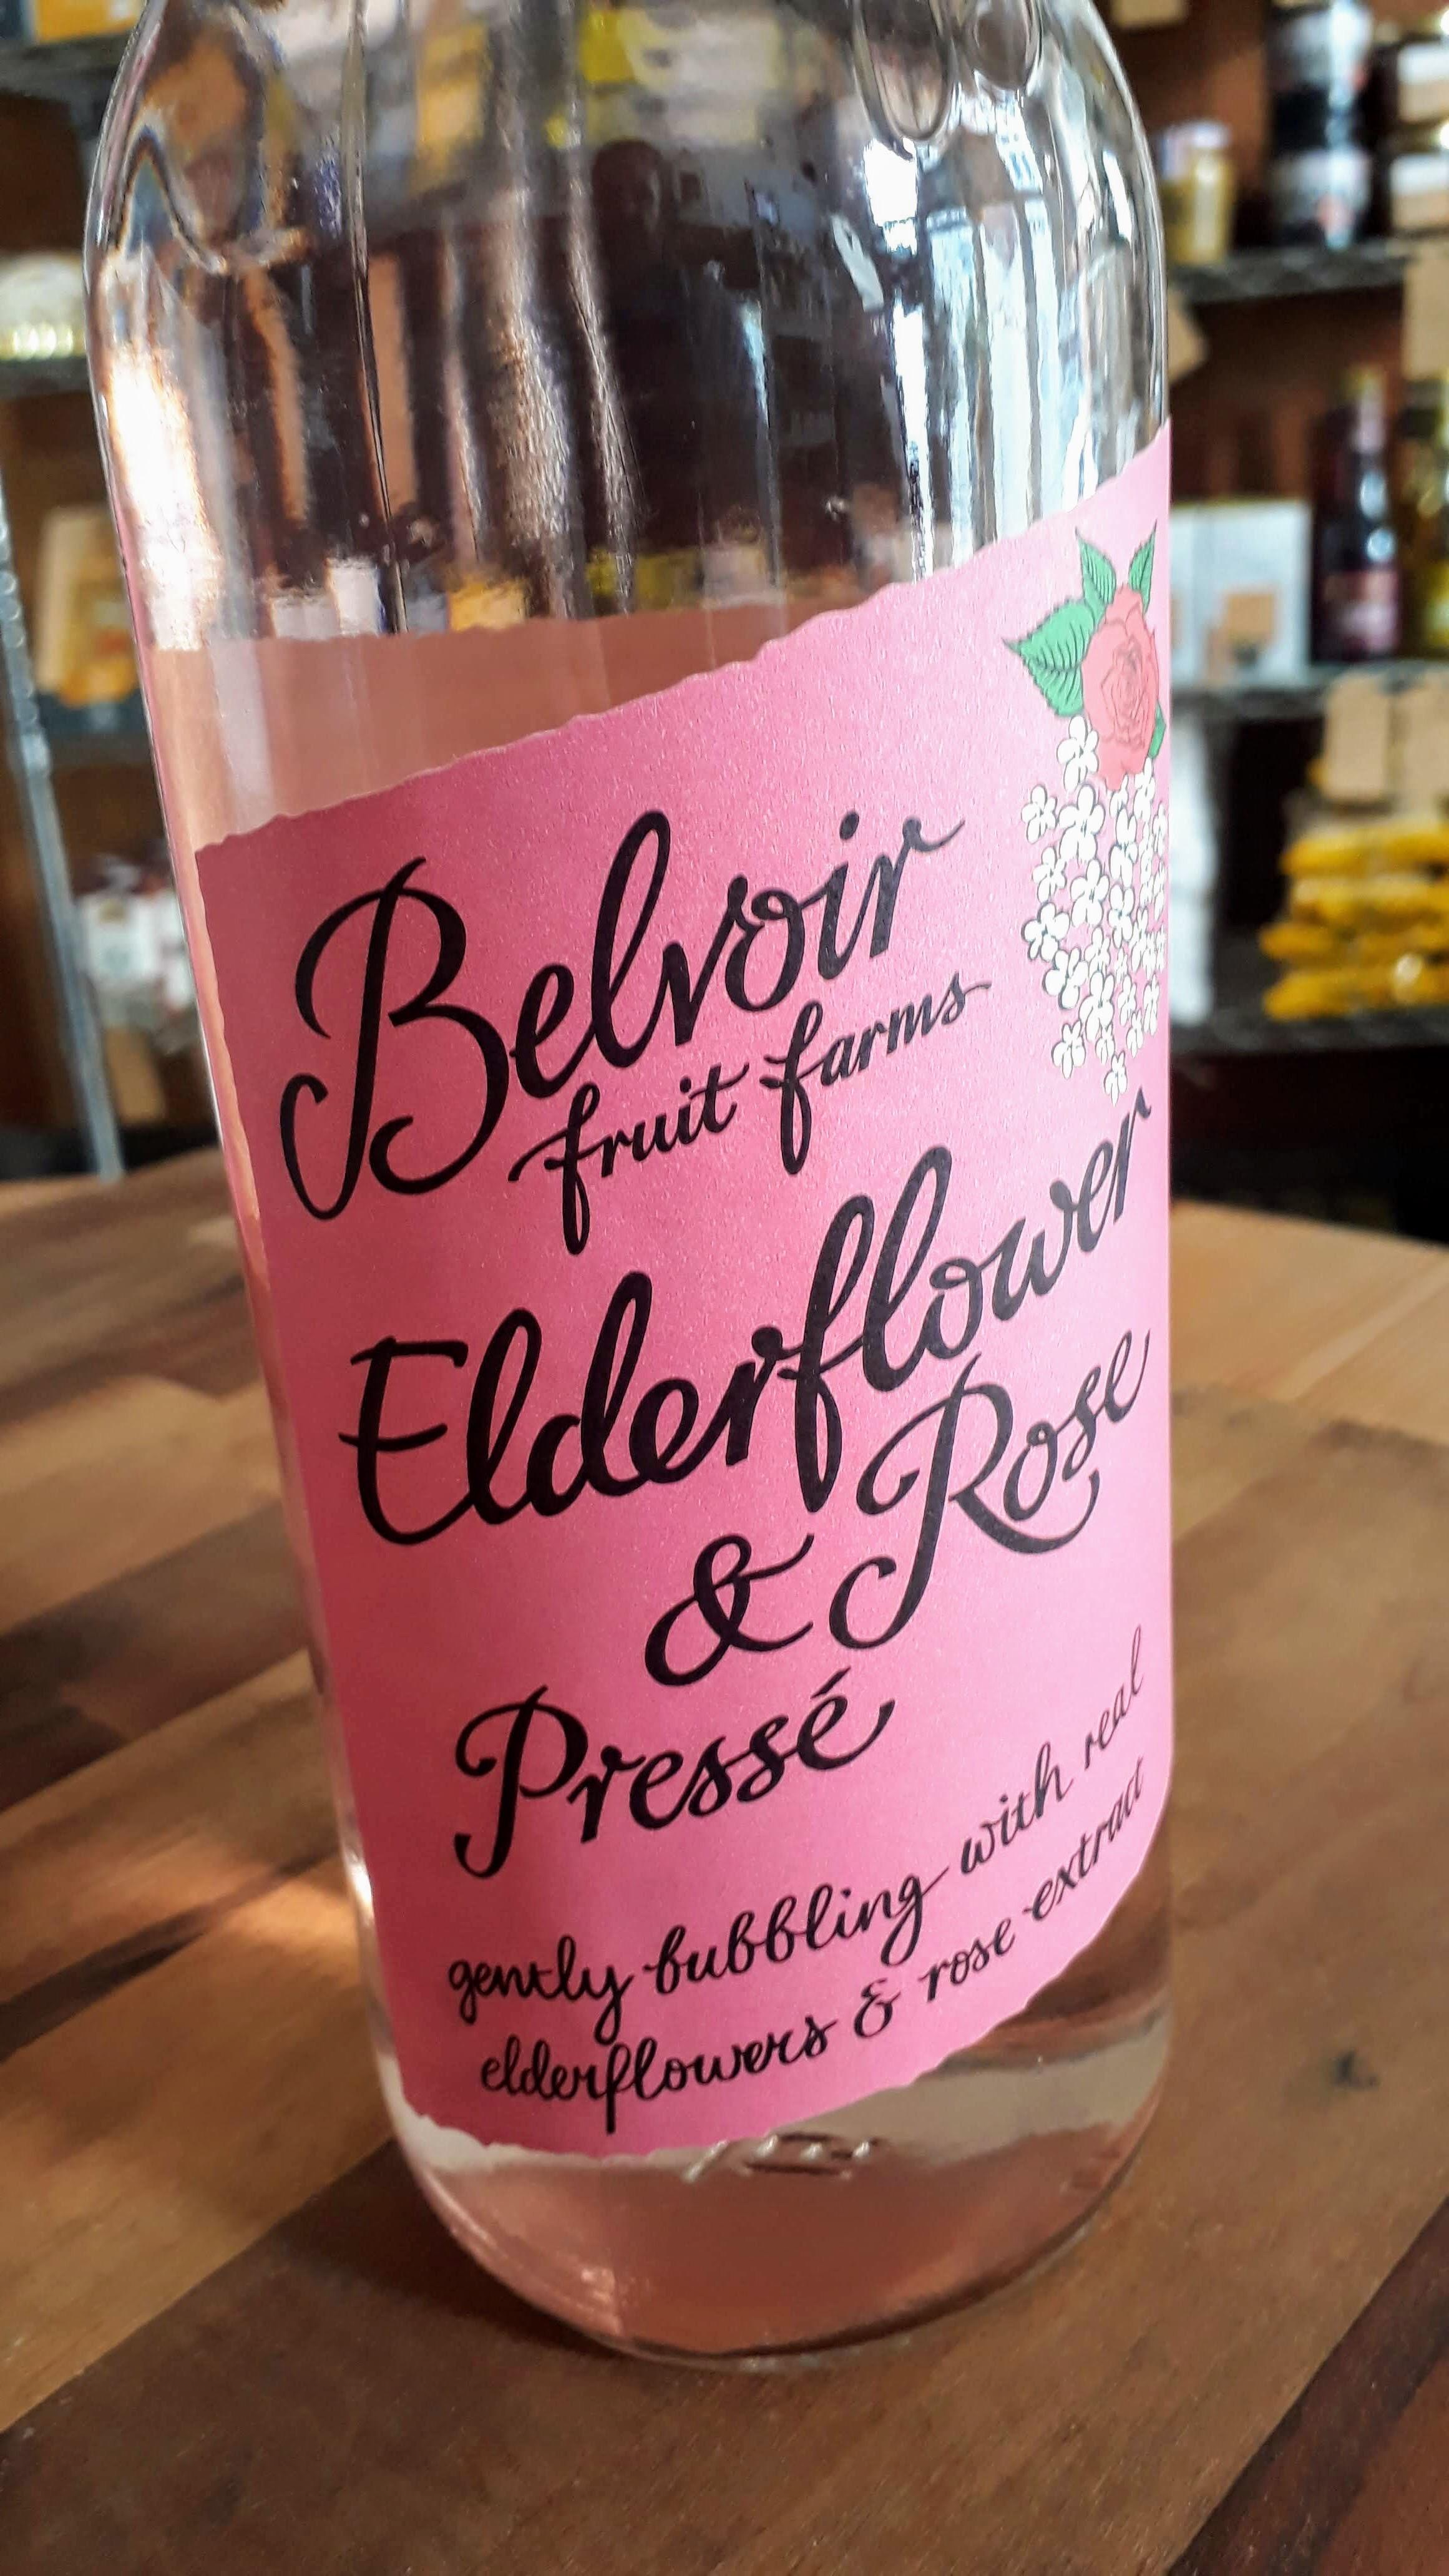 Belvoir Elderflower & Rose Presse